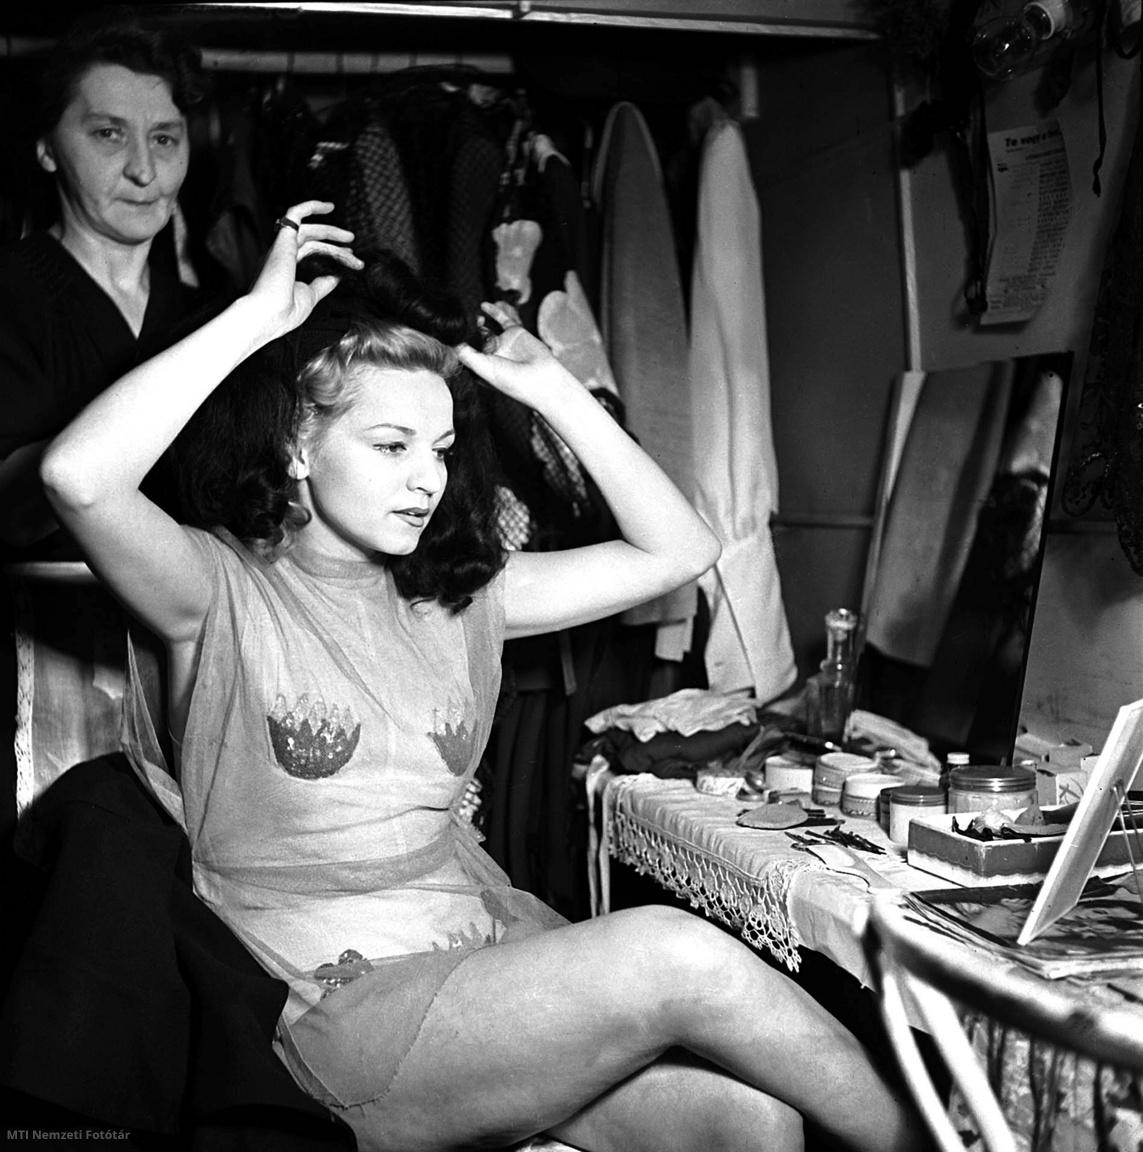 A Nagymező utcai Arizona mulató egyik táncosnője készülődik fellépése előtt a mulató öltözőjében 1947 februárjában